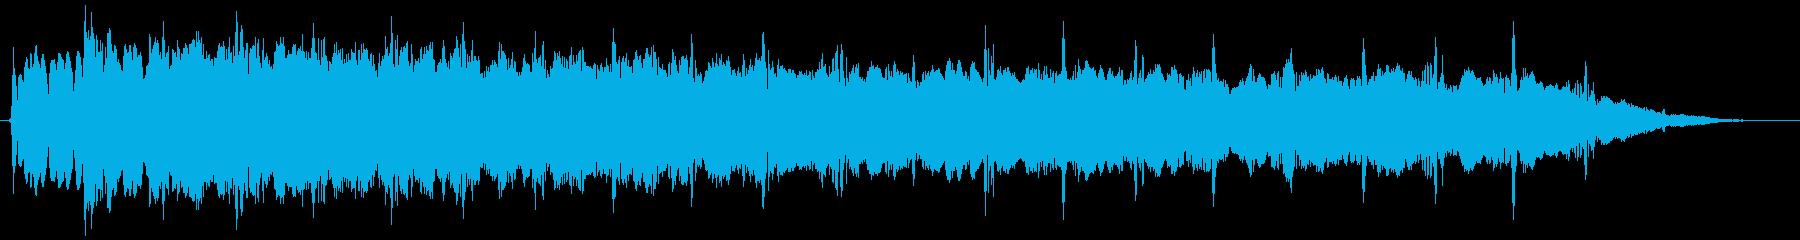 ピューン:異次元へワープする音4の再生済みの波形